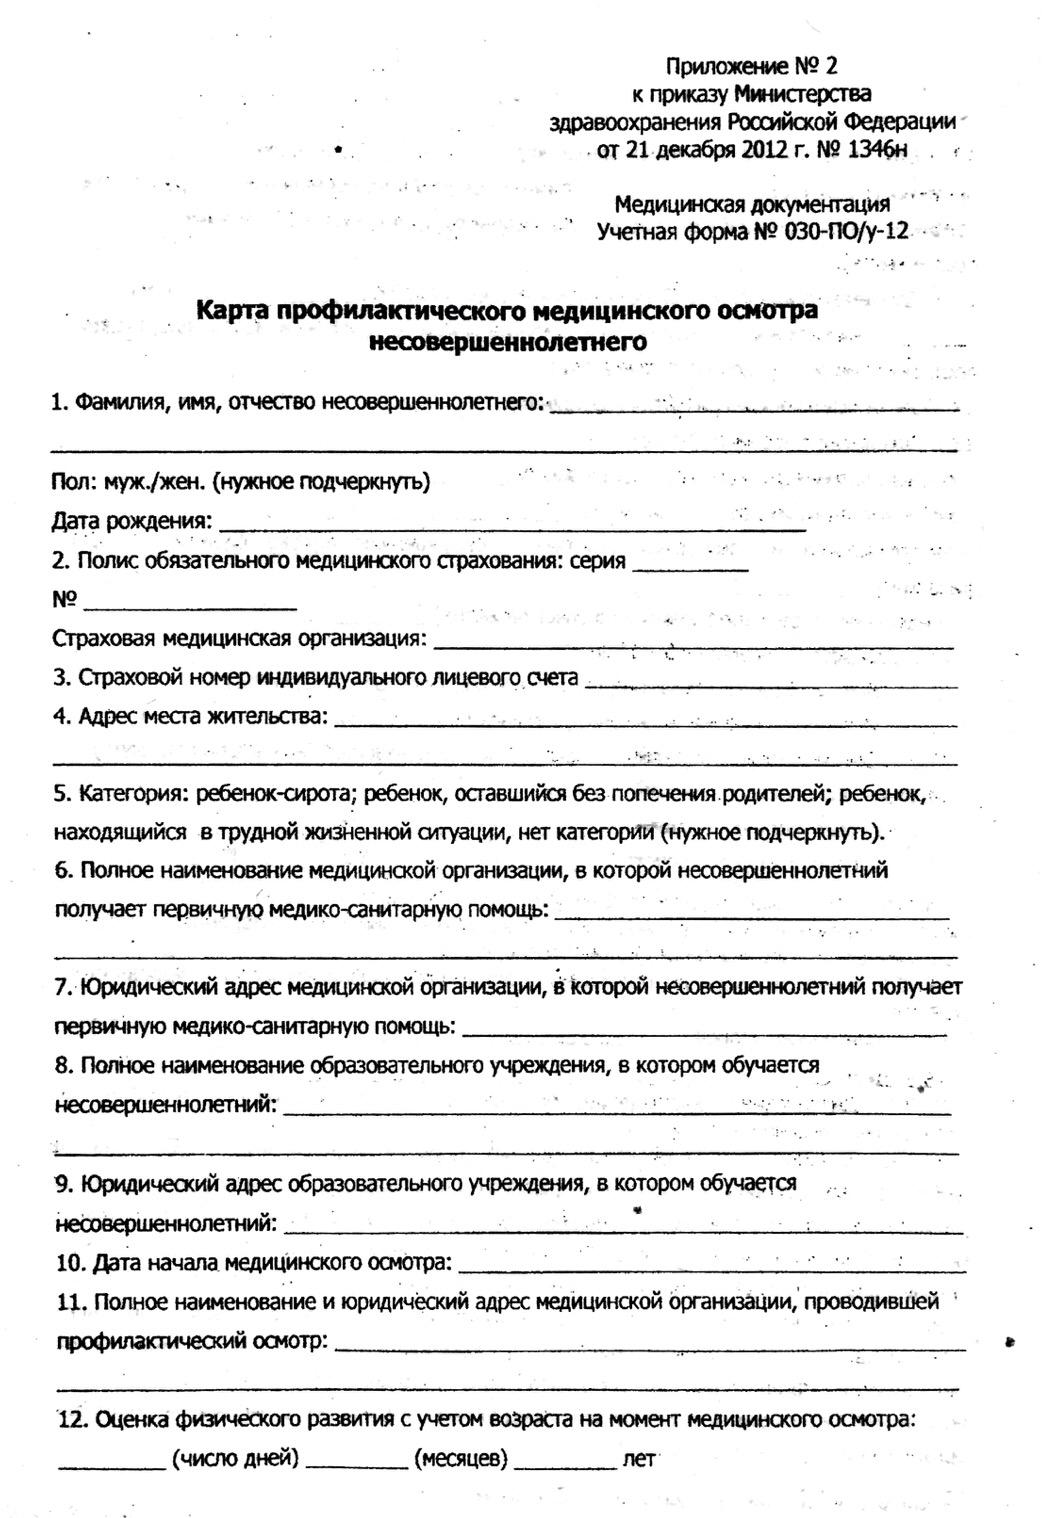 УЧЕТНАЯ ФОРМА 030-ПО/У-17 СКАЧАТЬ БЕСПЛАТНО